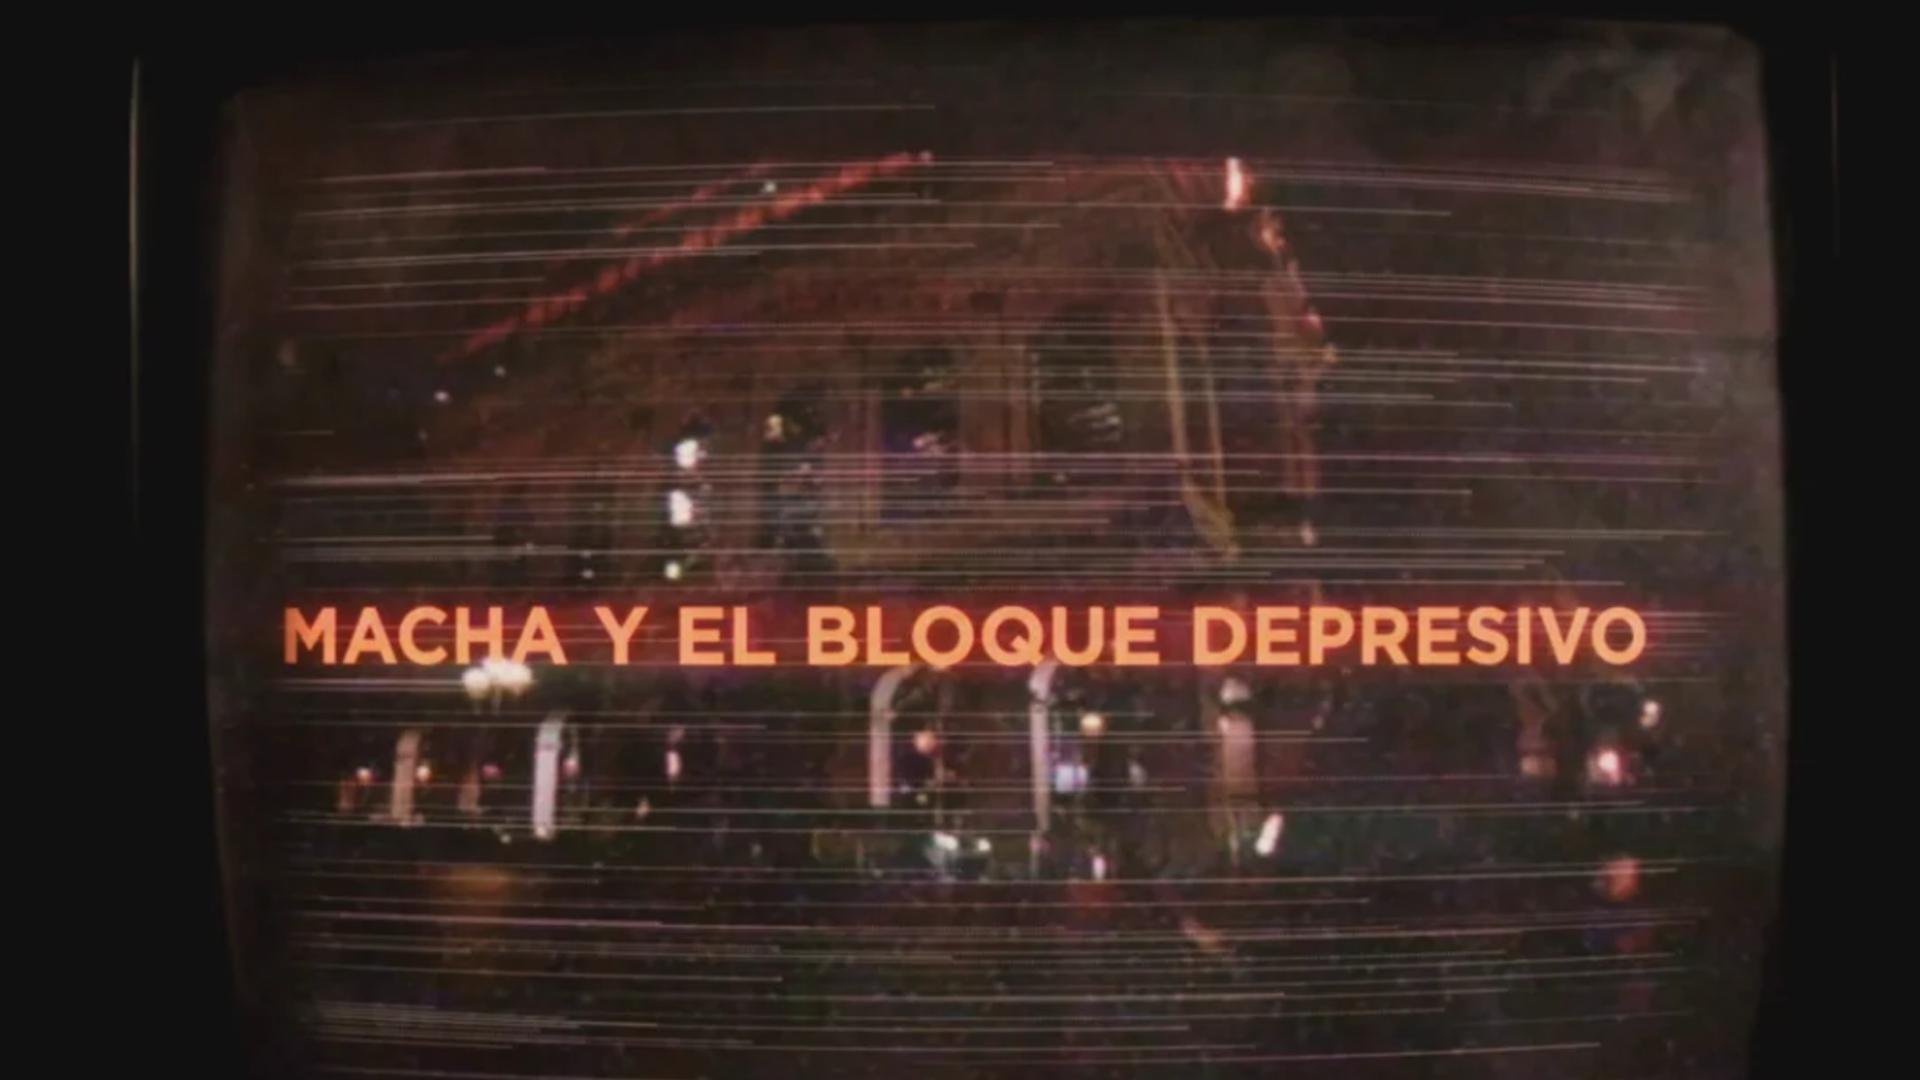 MACHA Y EL BLOQUE DEPRESIVO - CONCERT 85'